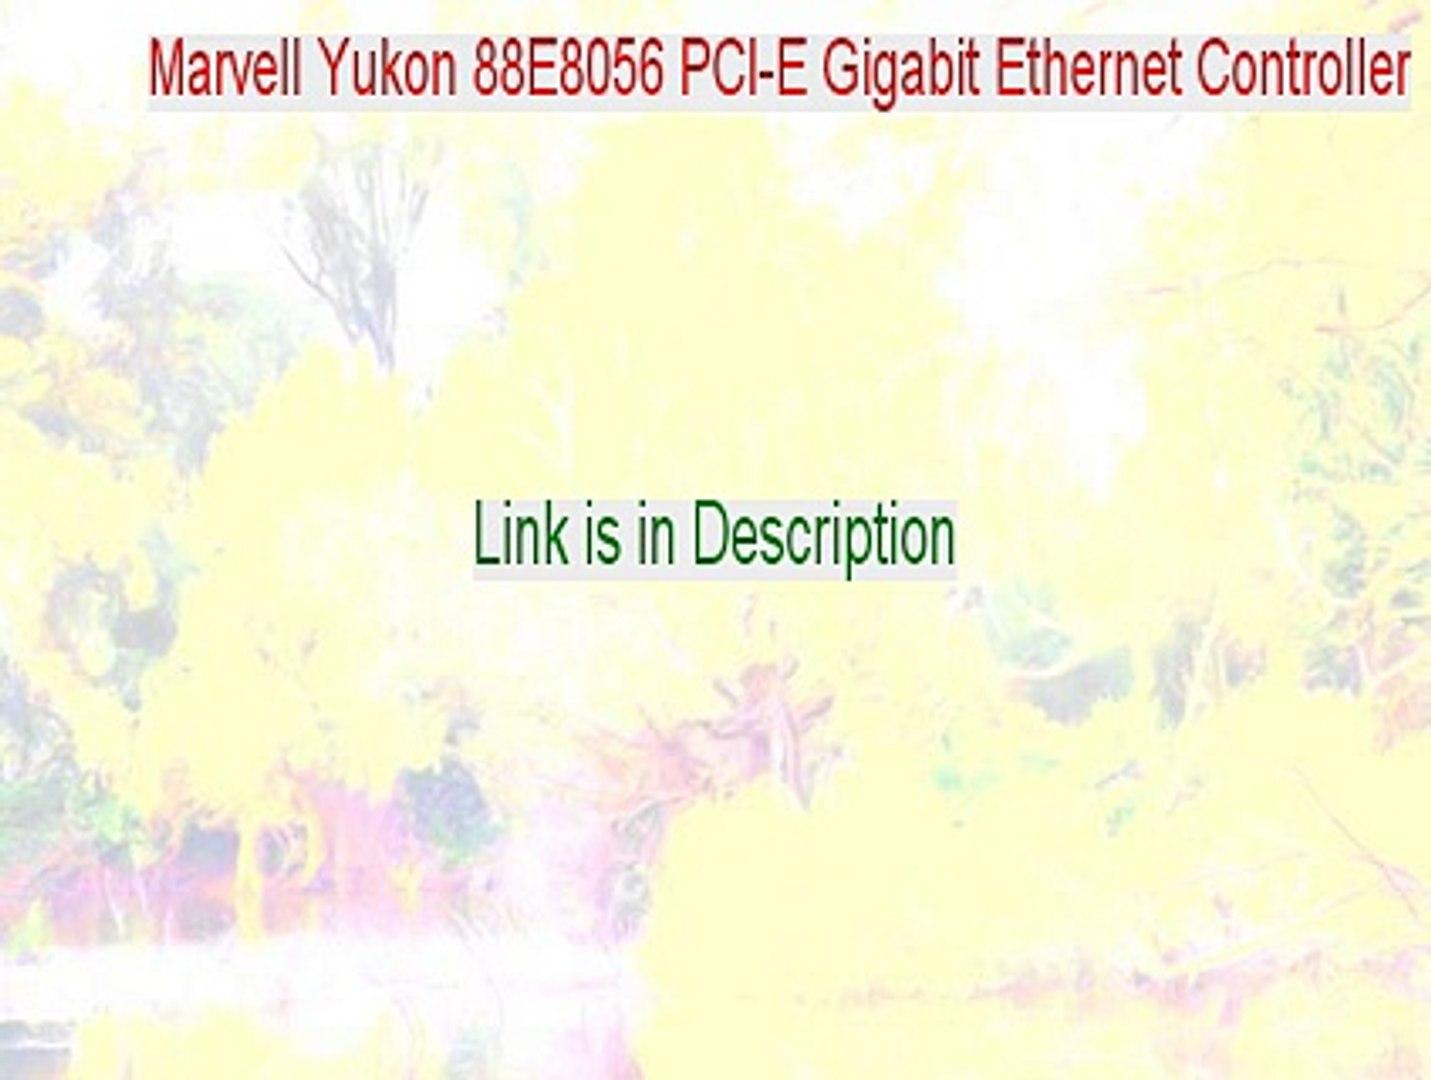 MARVELL YUKON 88E8056 PCI-E GIGABIT ETHERNET WINDOWS 8 DRIVERS DOWNLOAD